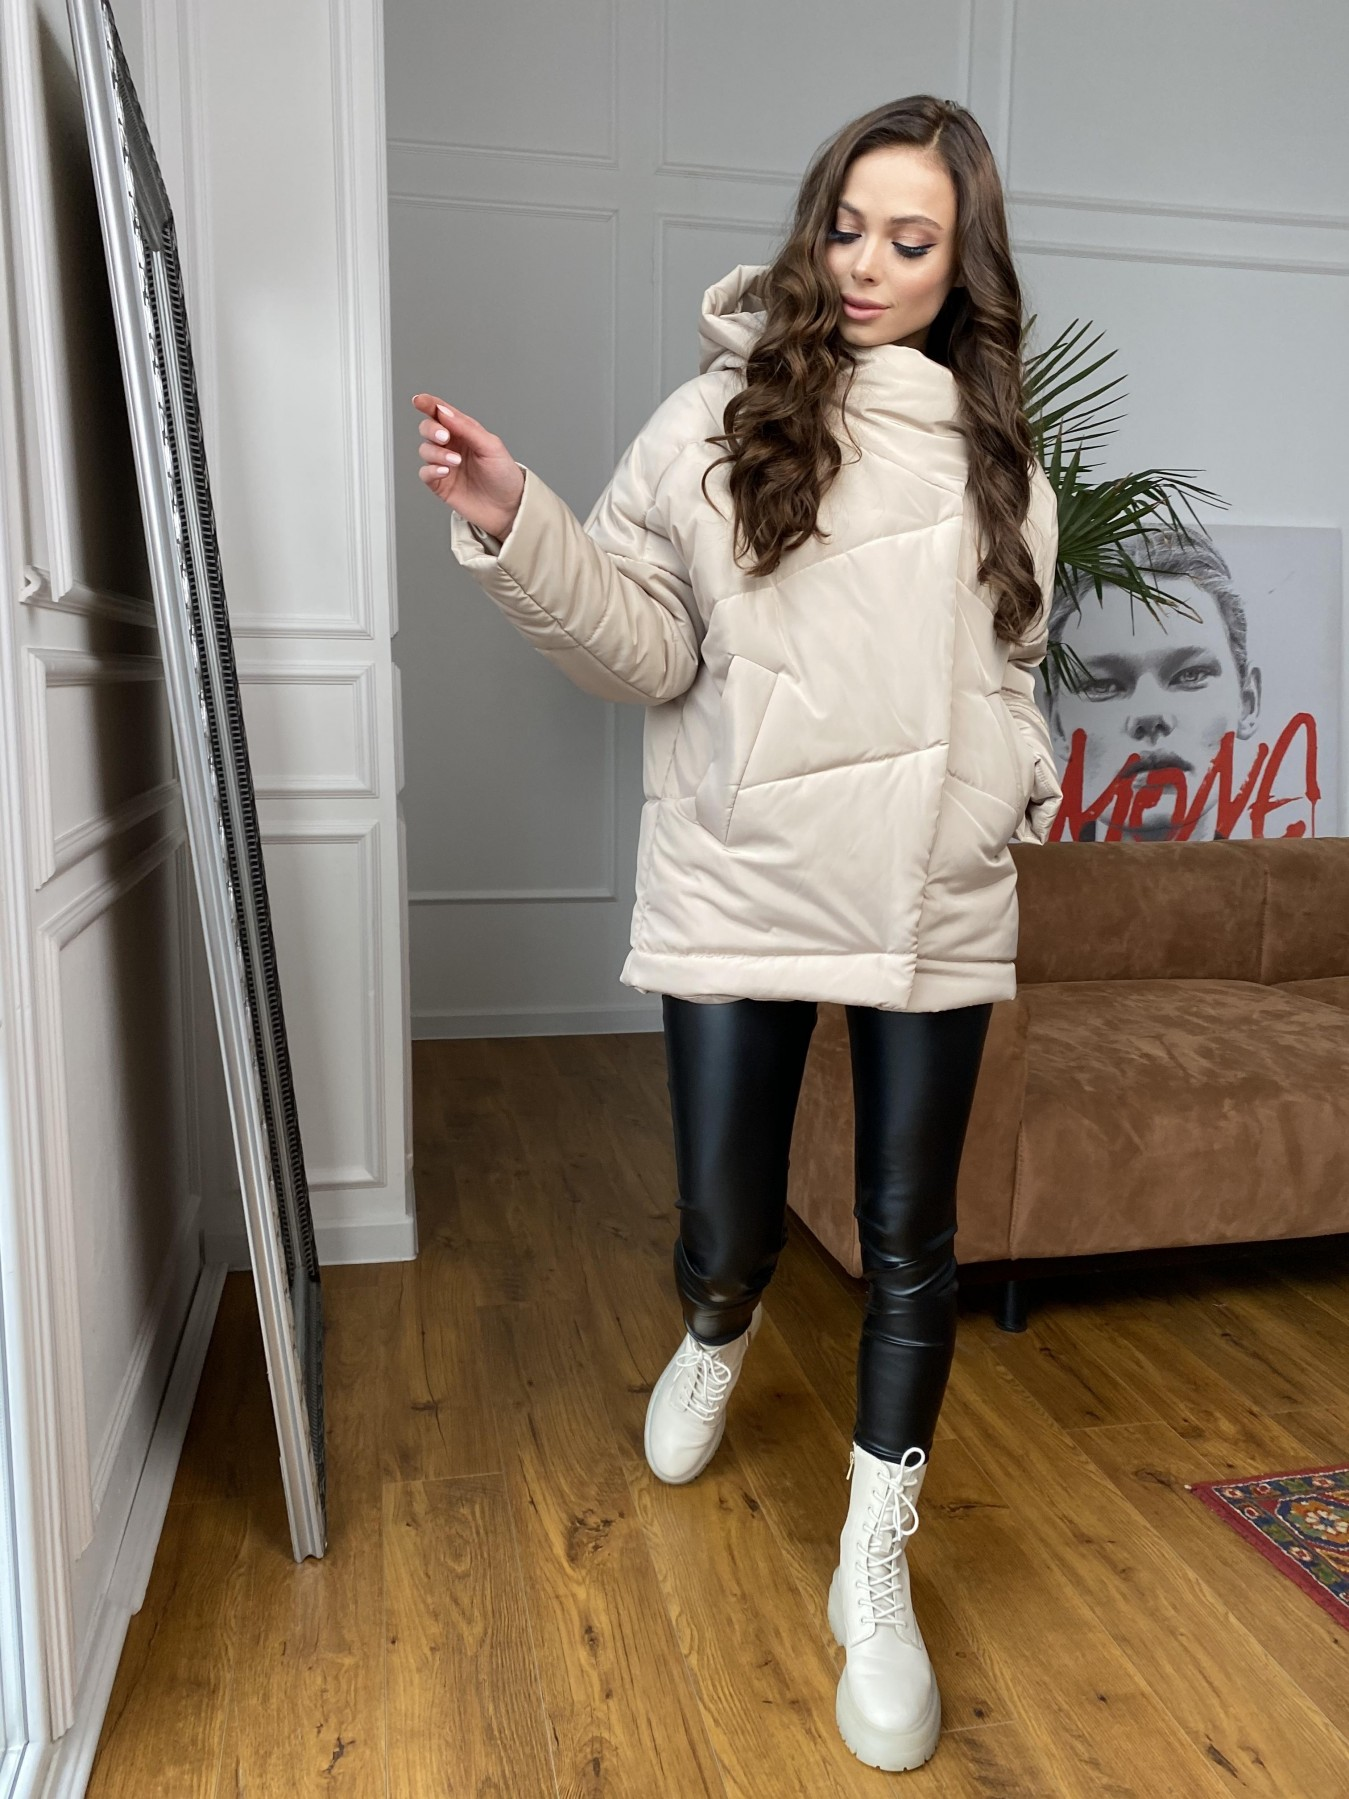 Уно куртка плащевка Ammy 10671 АРТ. 47476 Цвет: Бежевый - фото 7, интернет магазин tm-modus.ru